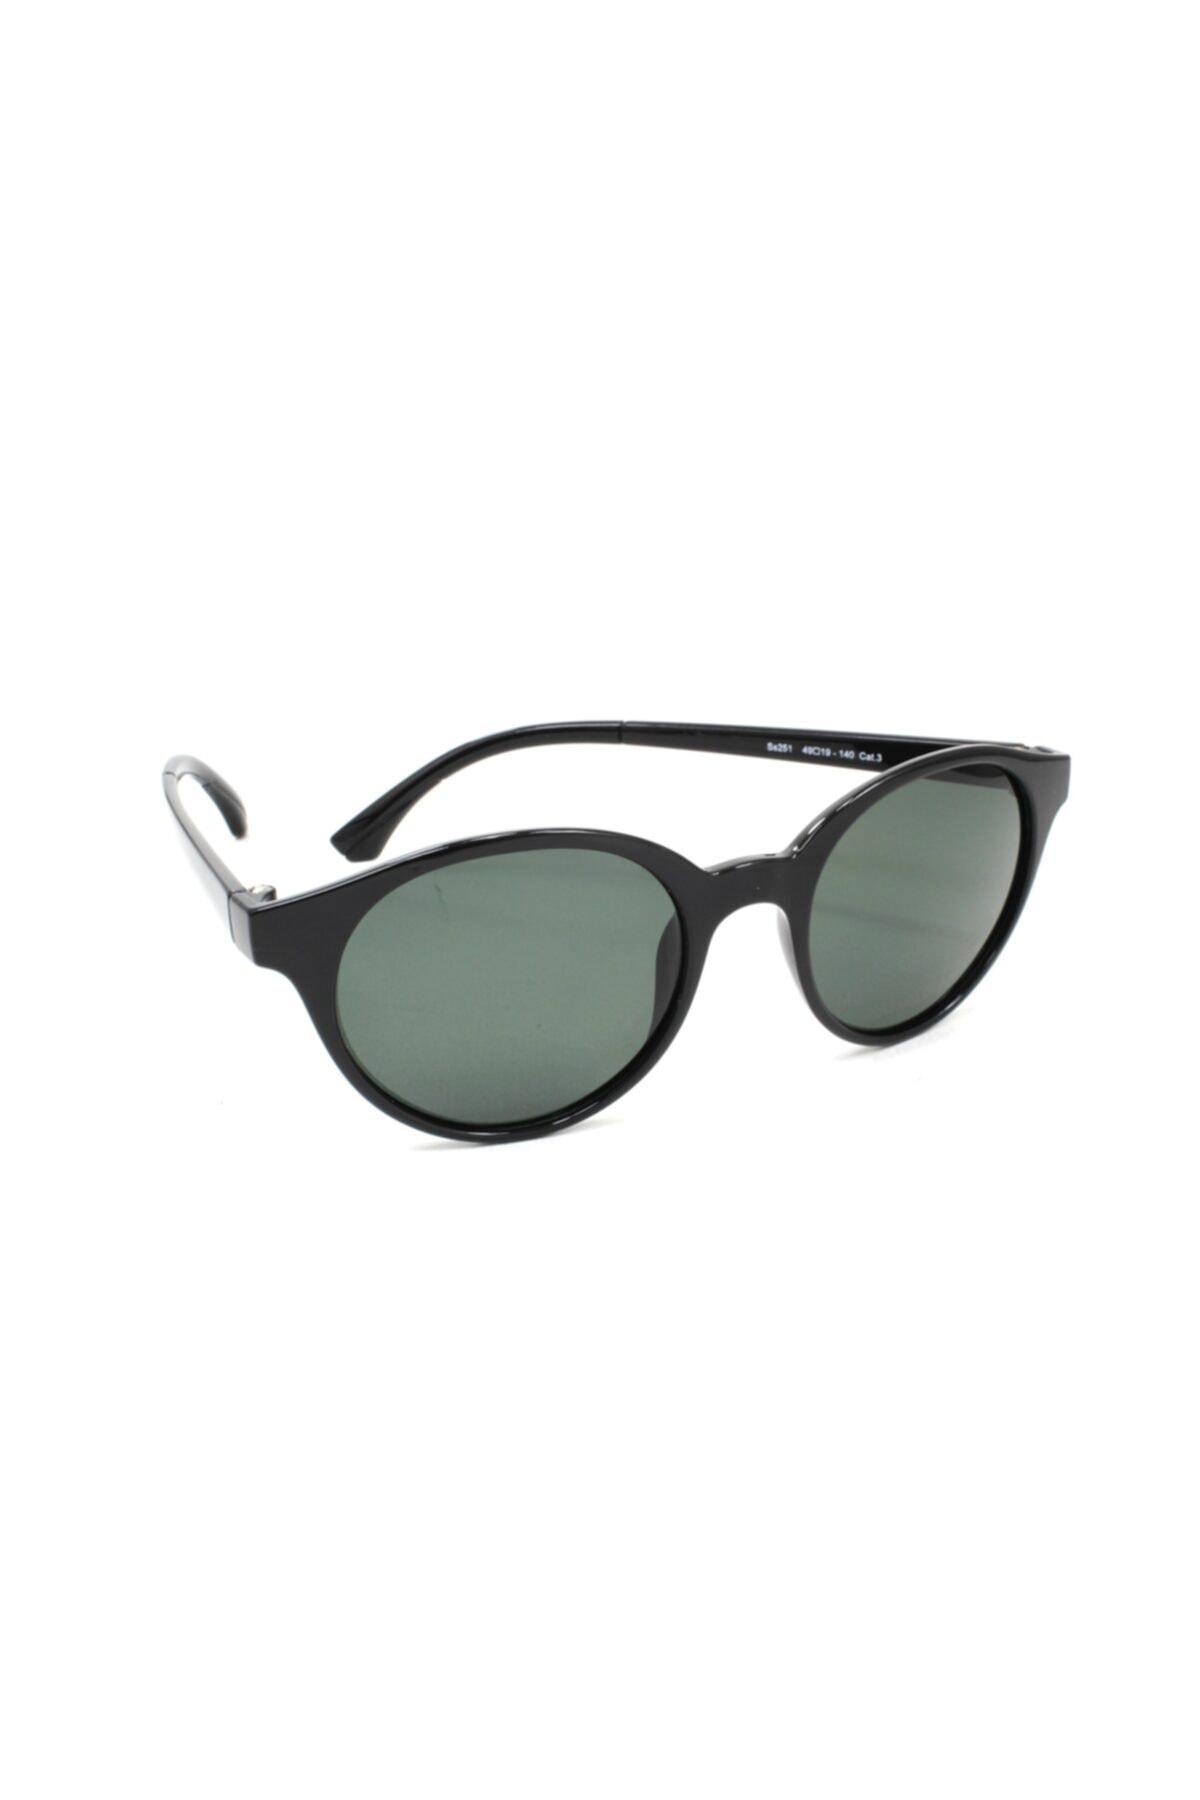 عینک آفتابی زنانه ارزان برند Swing رنگ مشکی کد ty68261174